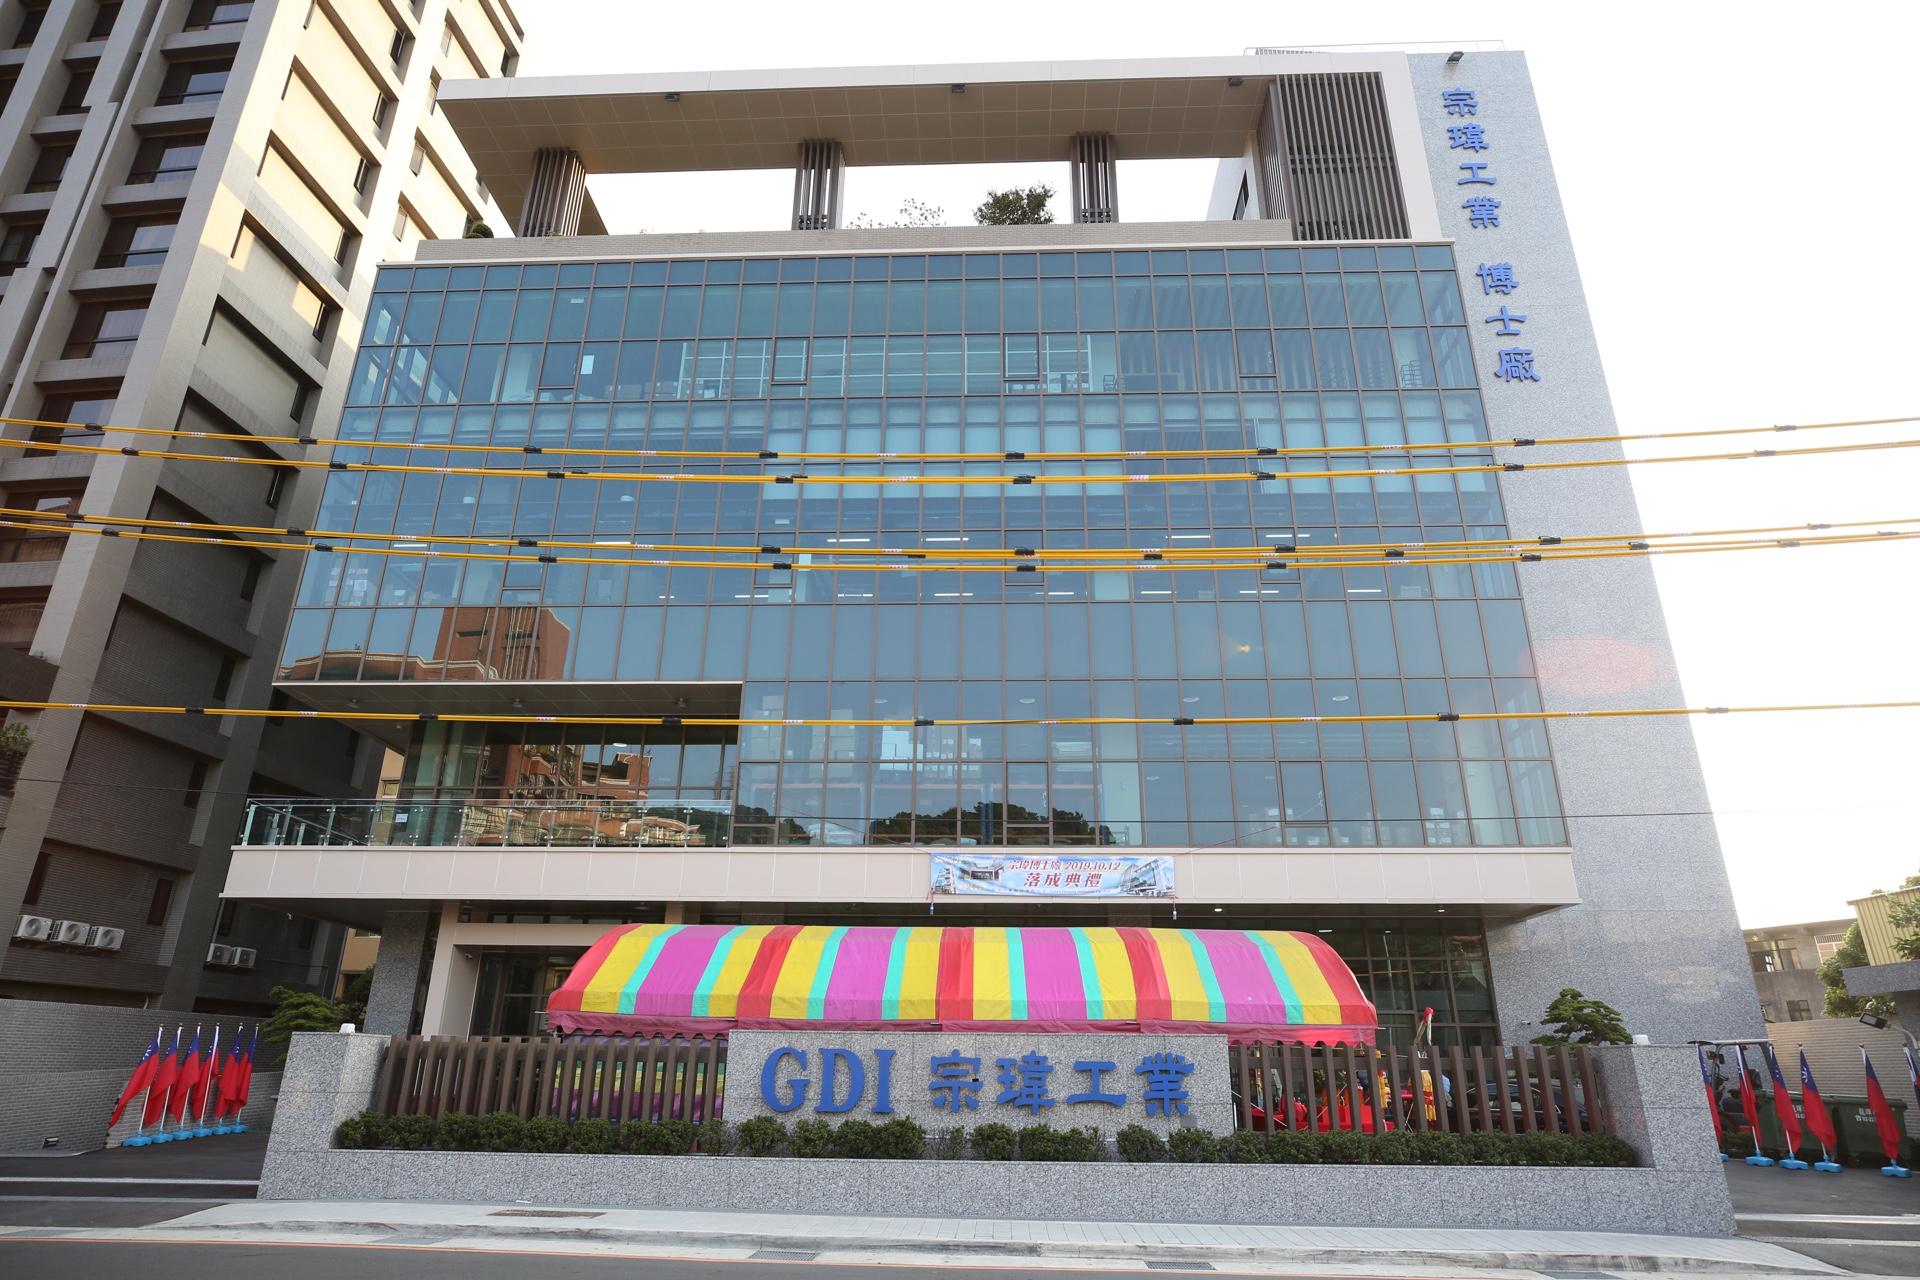 新北招商捷報頻傳  國際級塑膠射出廠商宗瑋工業新廠落成 提供150個就業機會